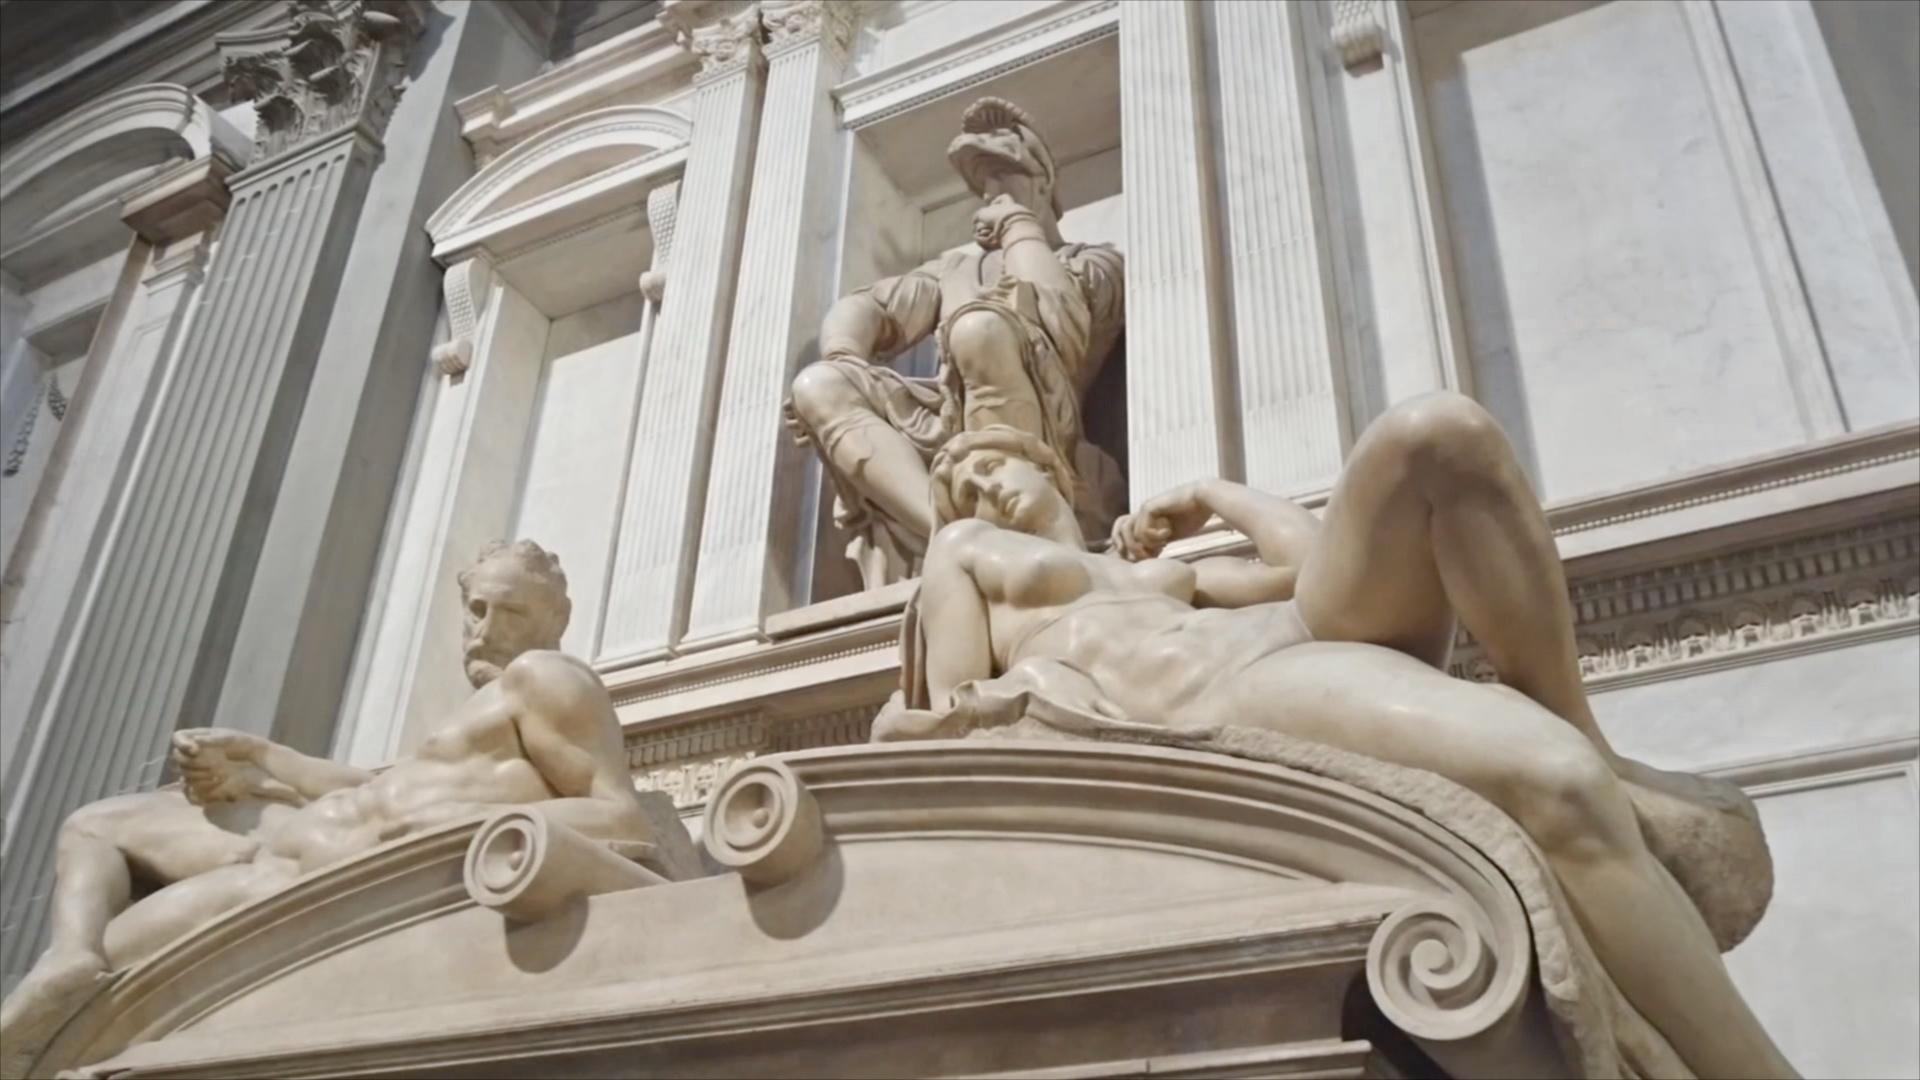 На шедевры Микеланджело в капелле Медичи можно взглянуть в новом свете